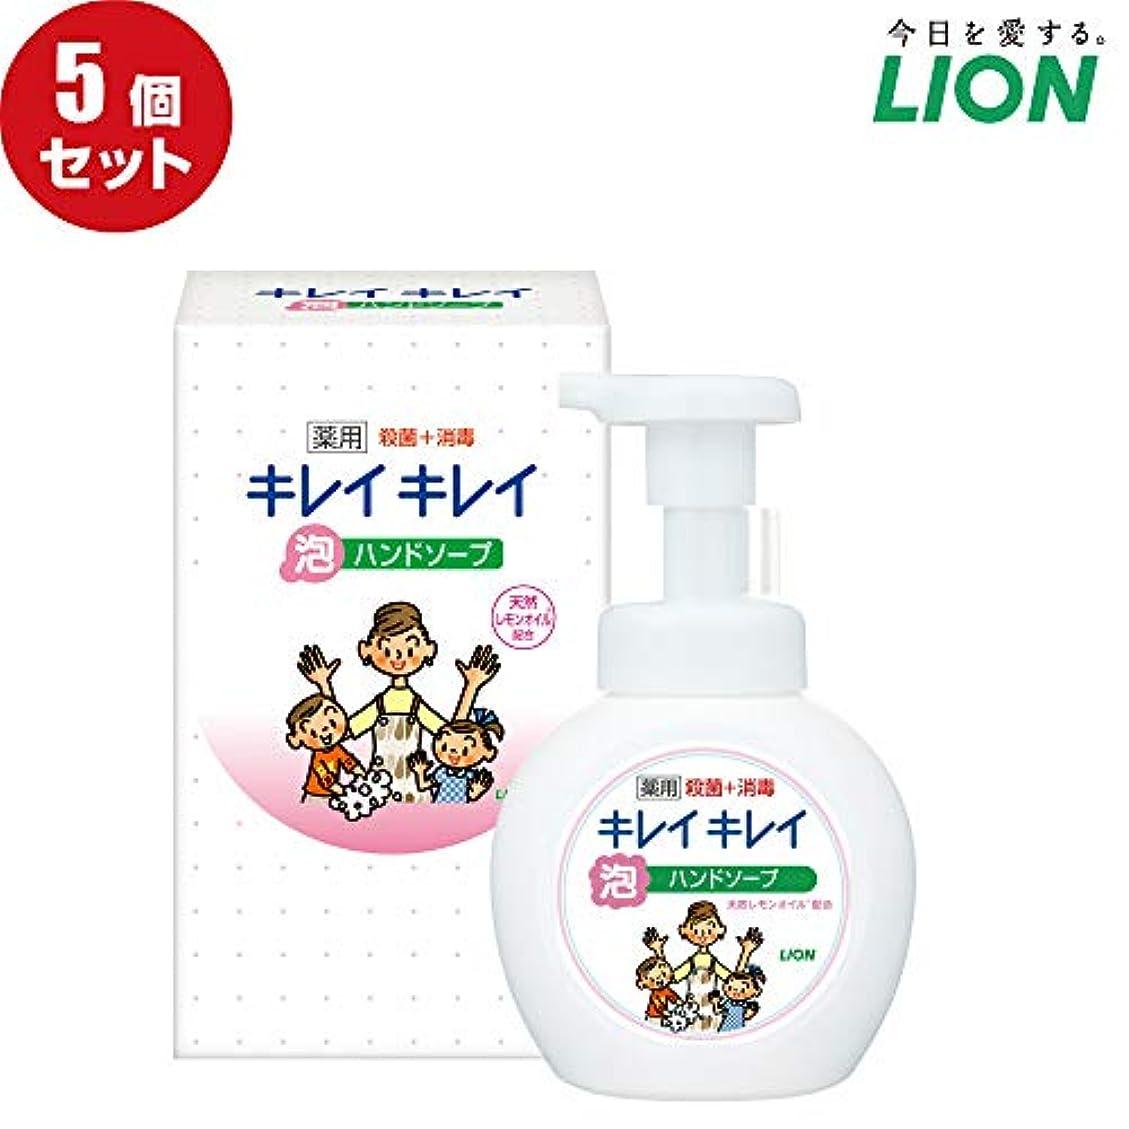 方言症状現実には【5個セット】LION キレイキレイ薬用泡ハンドソープ250ml ノベルティギフト用化粧箱入